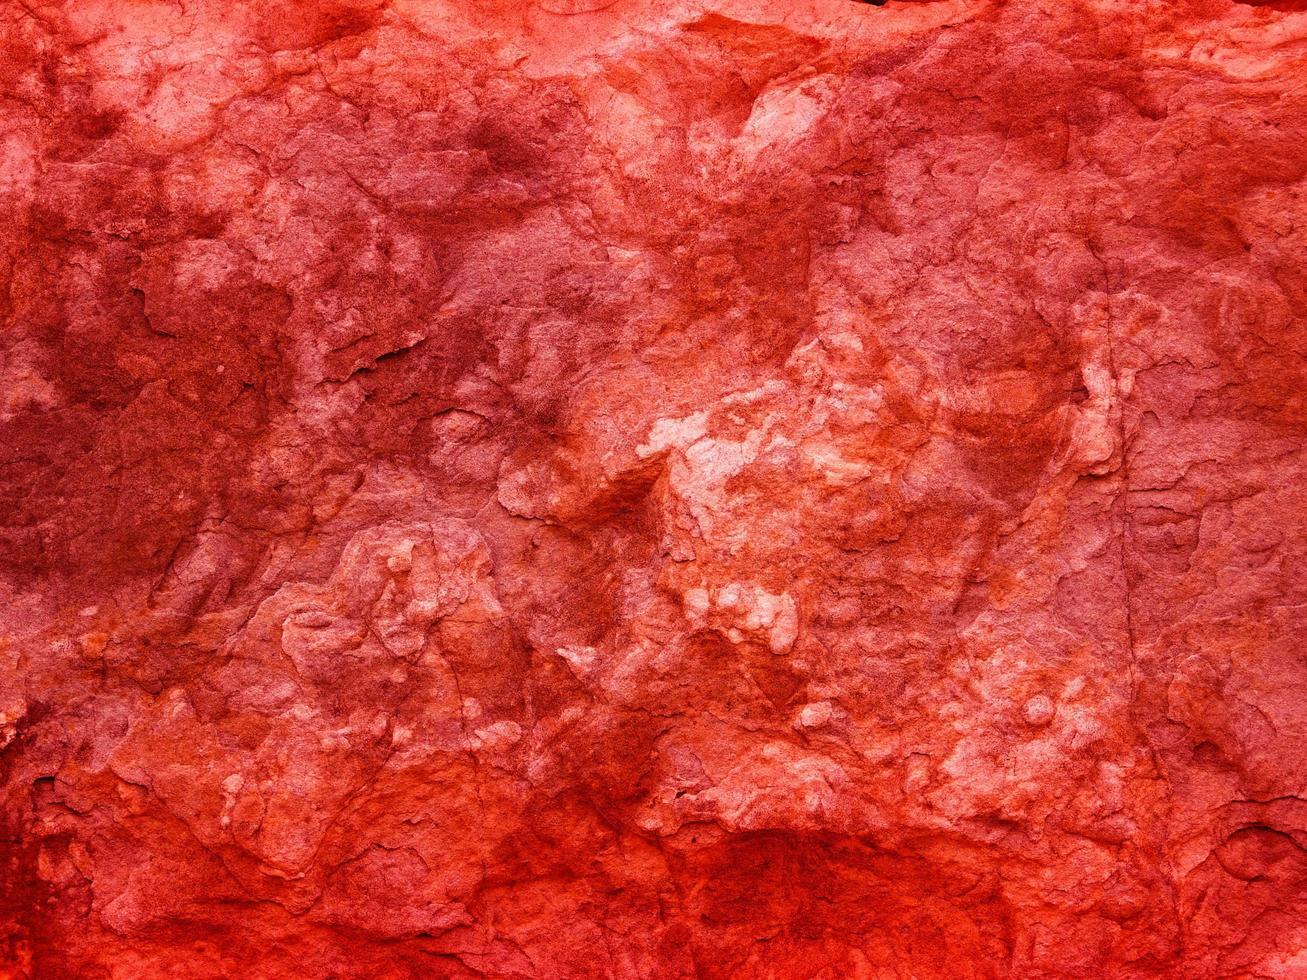 rode steen textuur foto